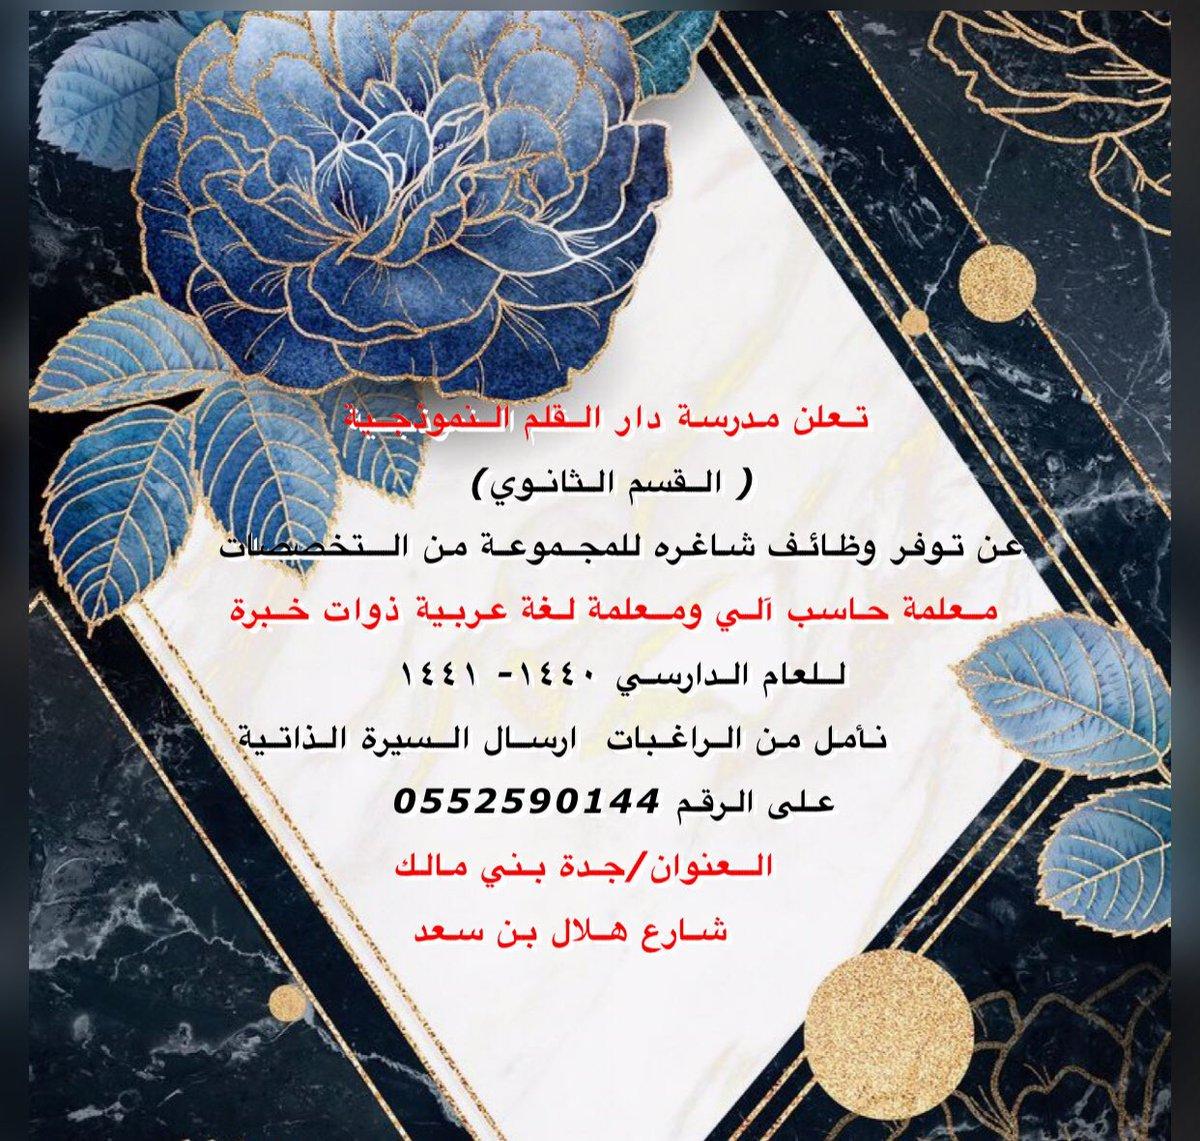 تعلن ( مدرسة دار القلم النموذجيه ) ب #جدة  عن توفر وظائف #معلمات لمجموعة من التخصصات  معلمة حاسب آلى معلمة لغة عربية ذوات خبرة      #وظائف_نسائيه #وظائف_تعليمية #وظائف  @alqalam36